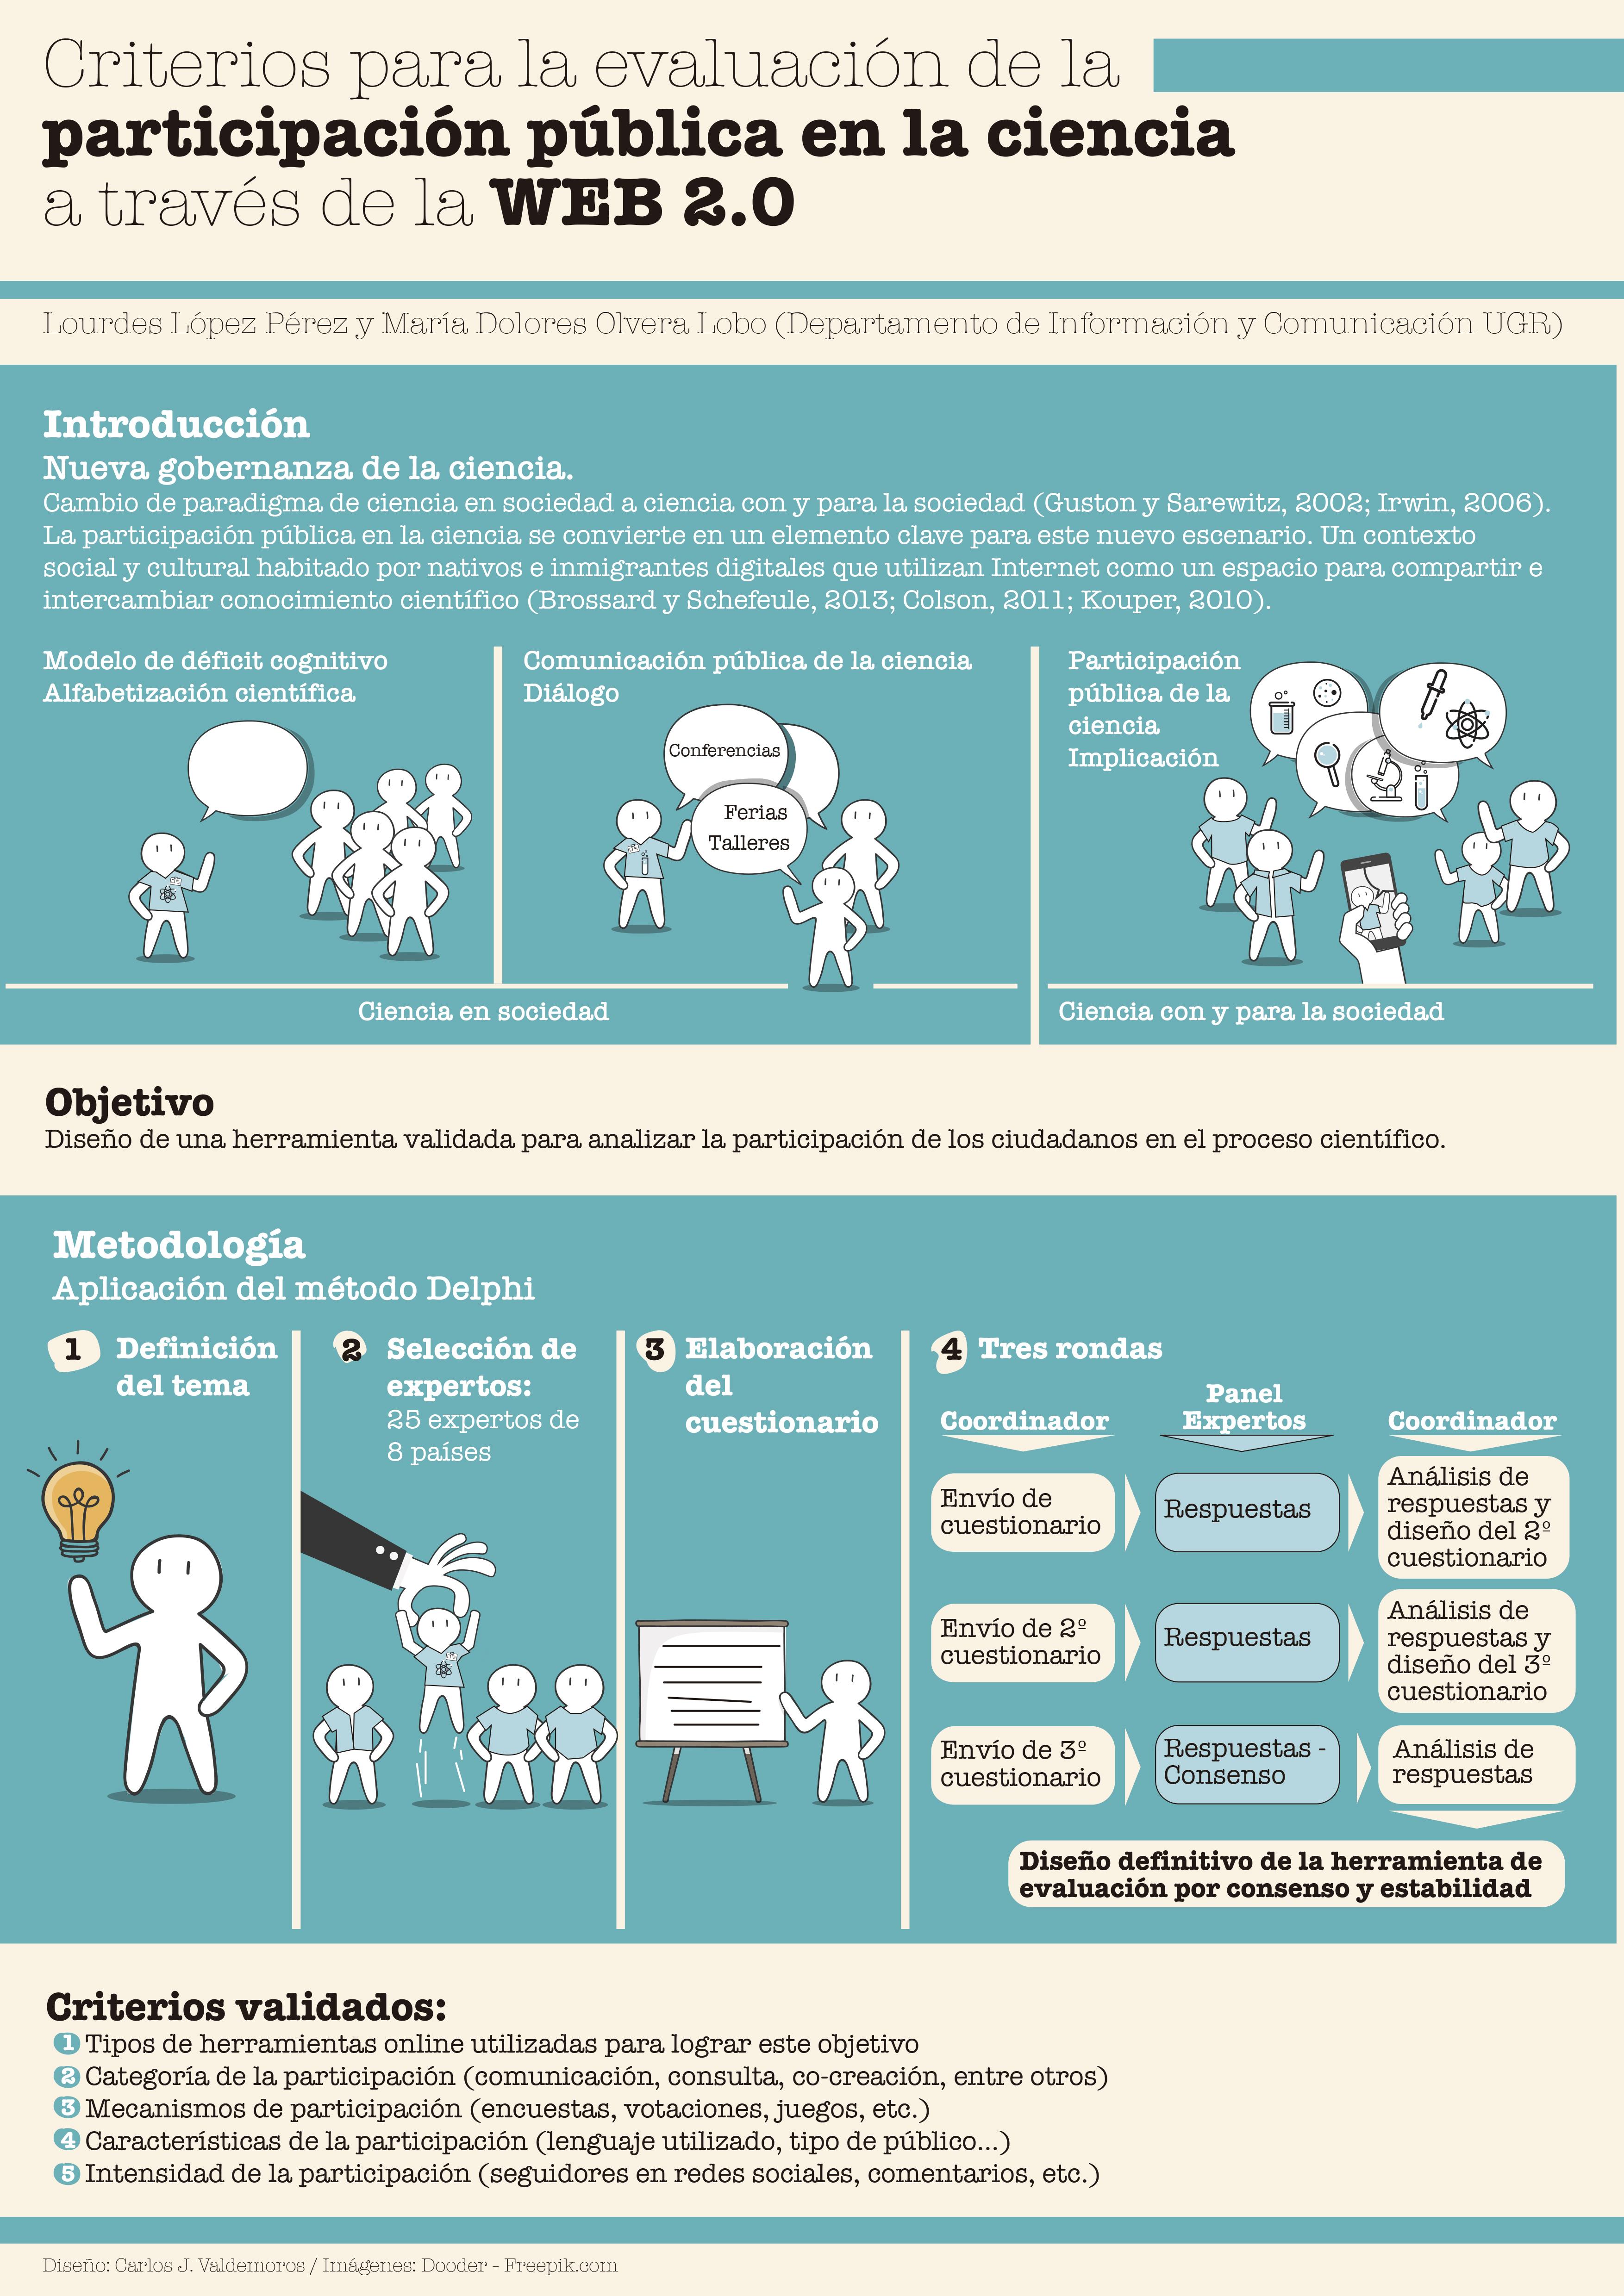 Criterios para la evaluación de la participación pública en la ciencia a través de la Web 2.0